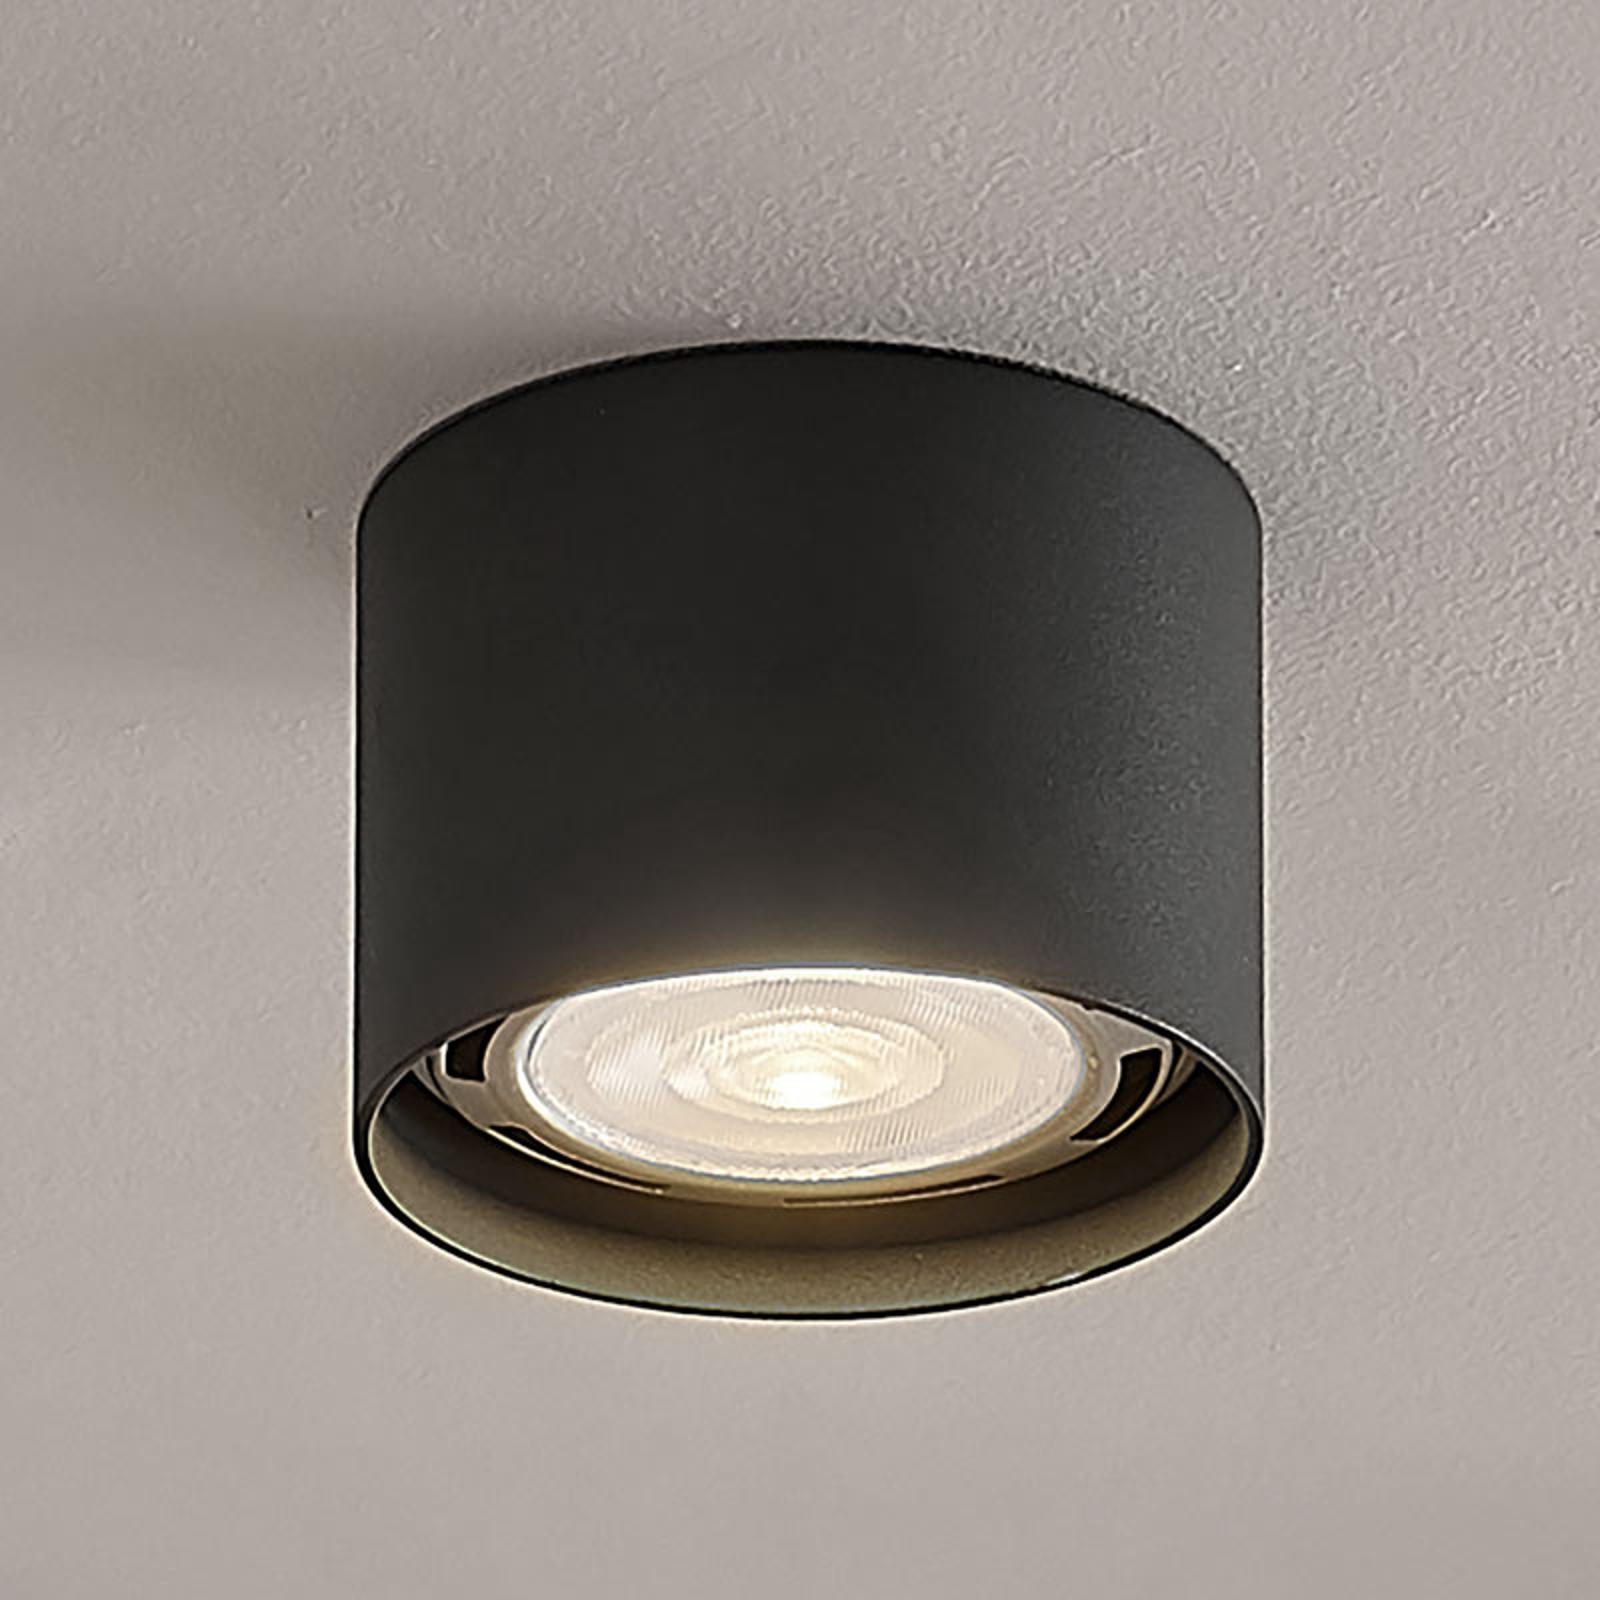 LED-kattospotti Mabel, pyöreä, harmaa